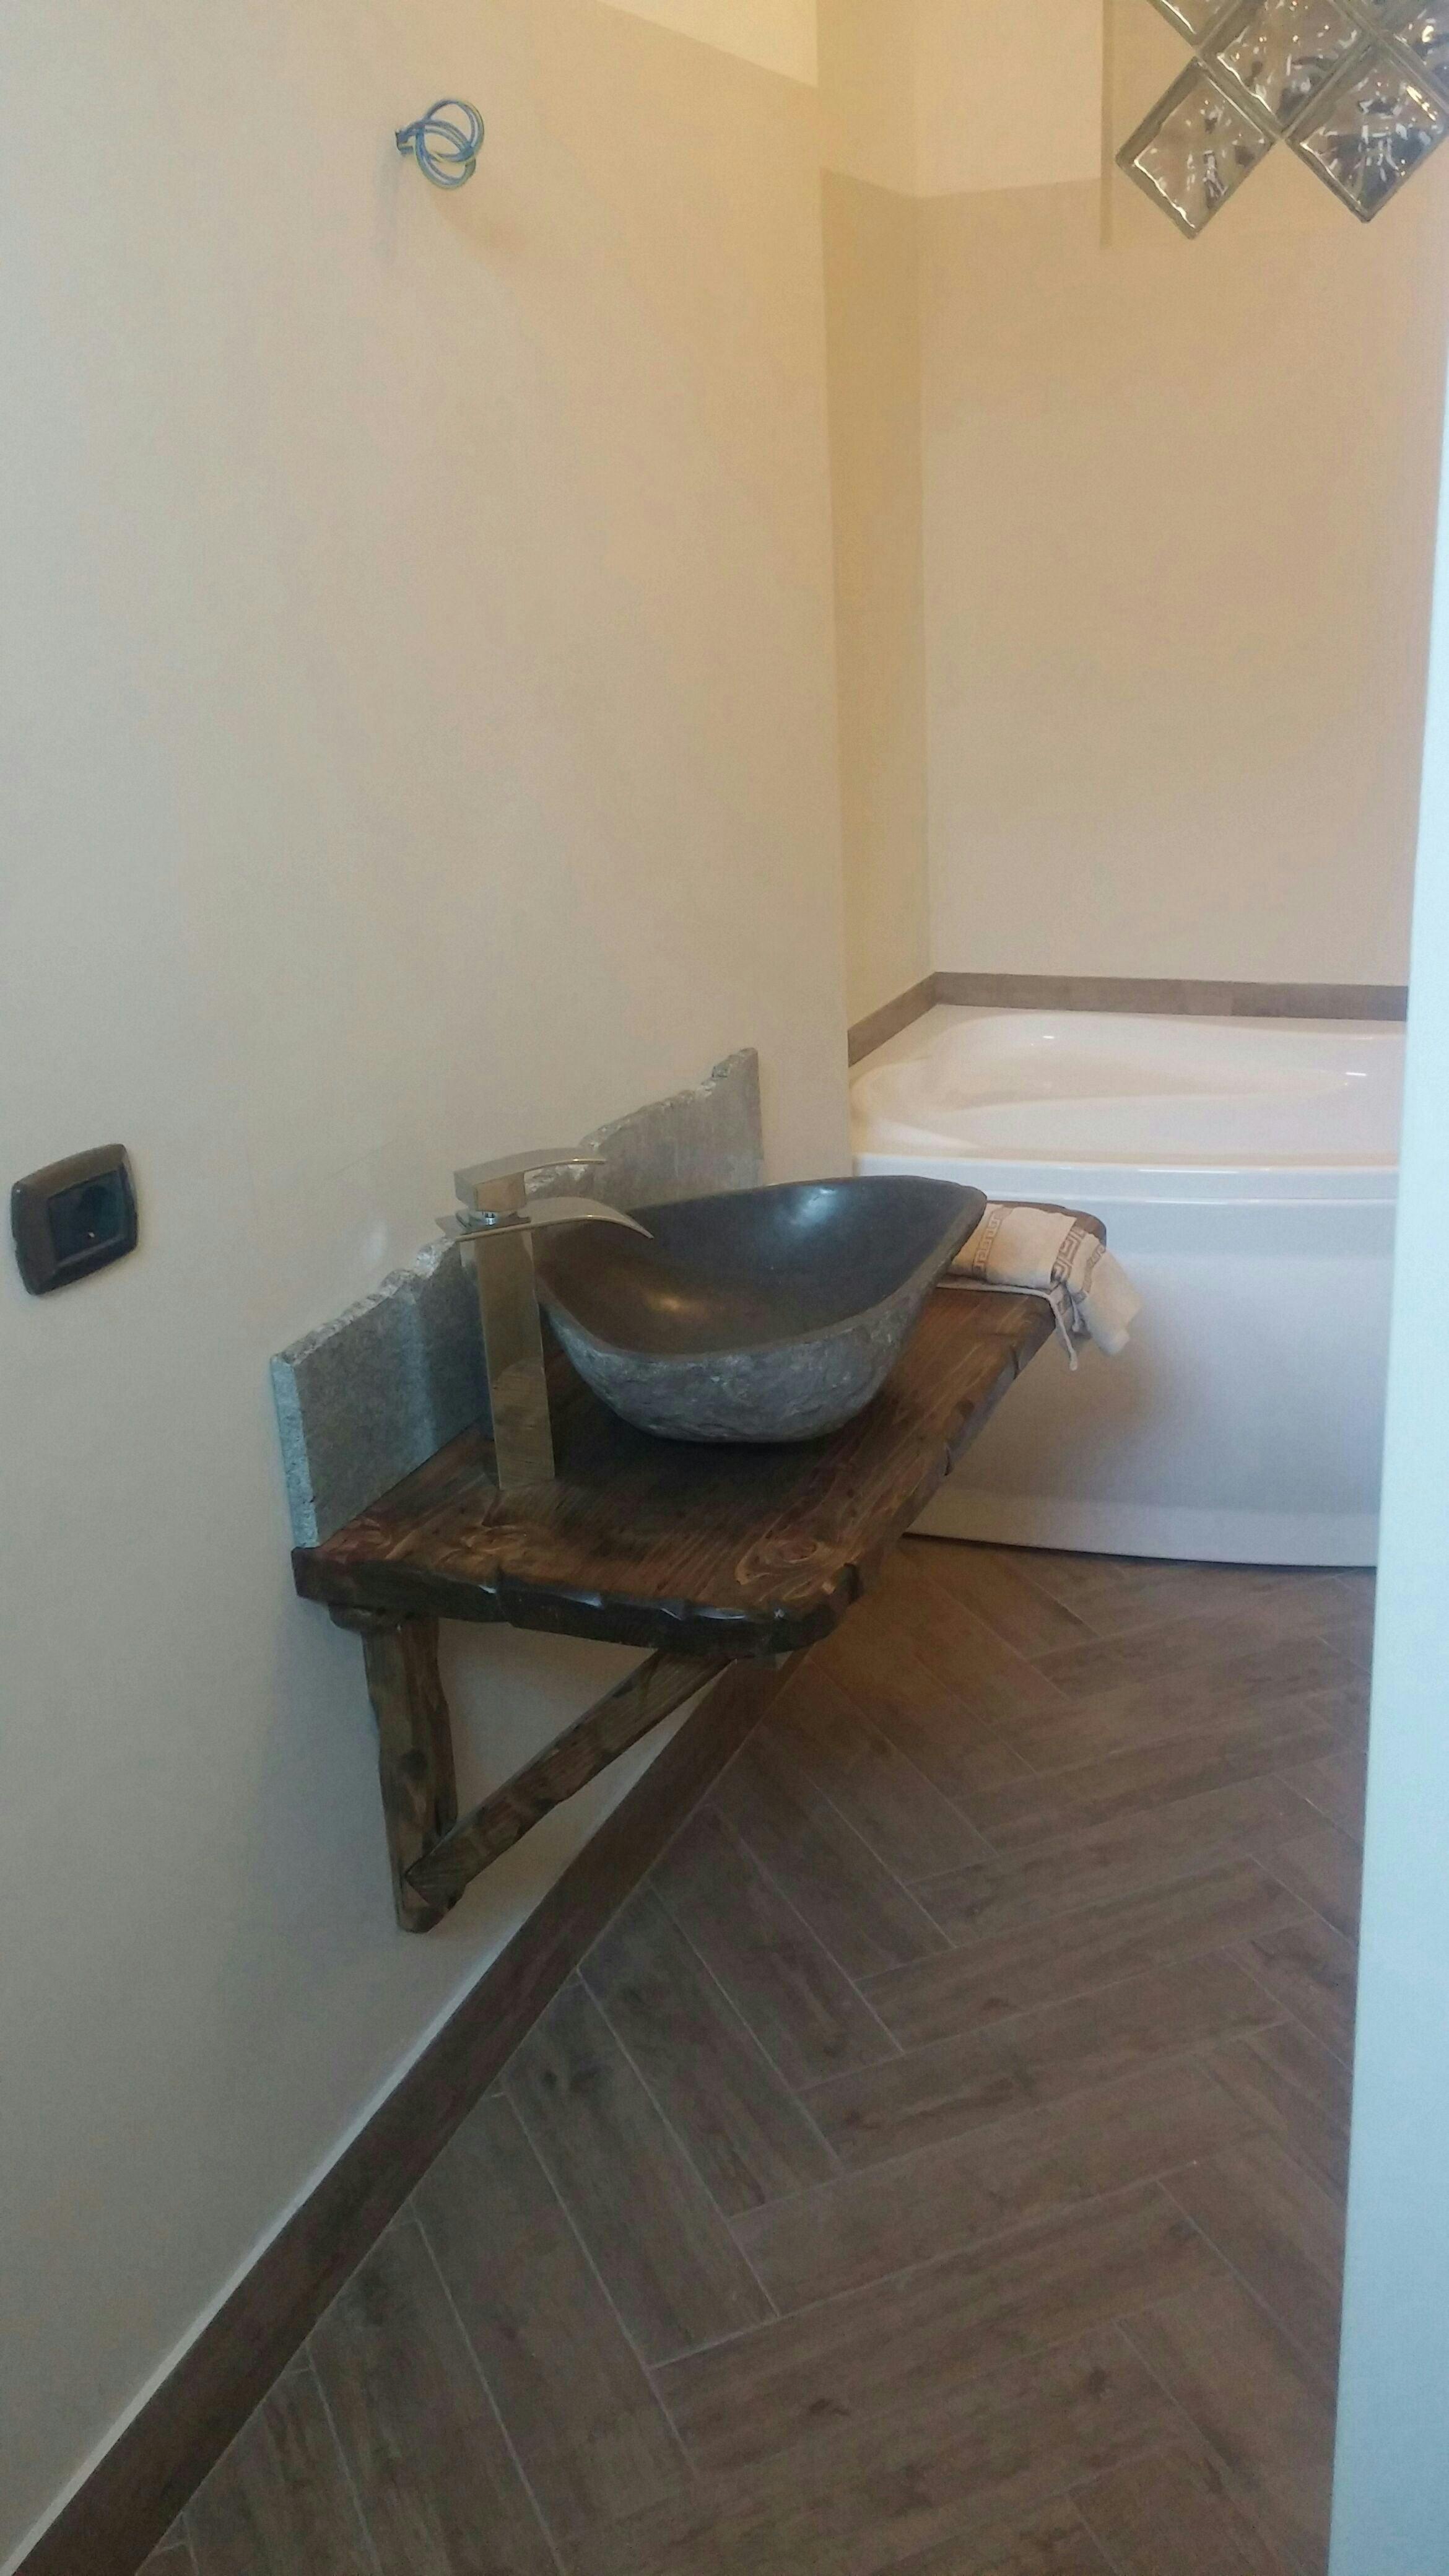 Verniciare la vasca da bagno top verniciare vasca da bagno qualit smaltare piastrelle bagno - Smaltare vasca da bagno costi ...